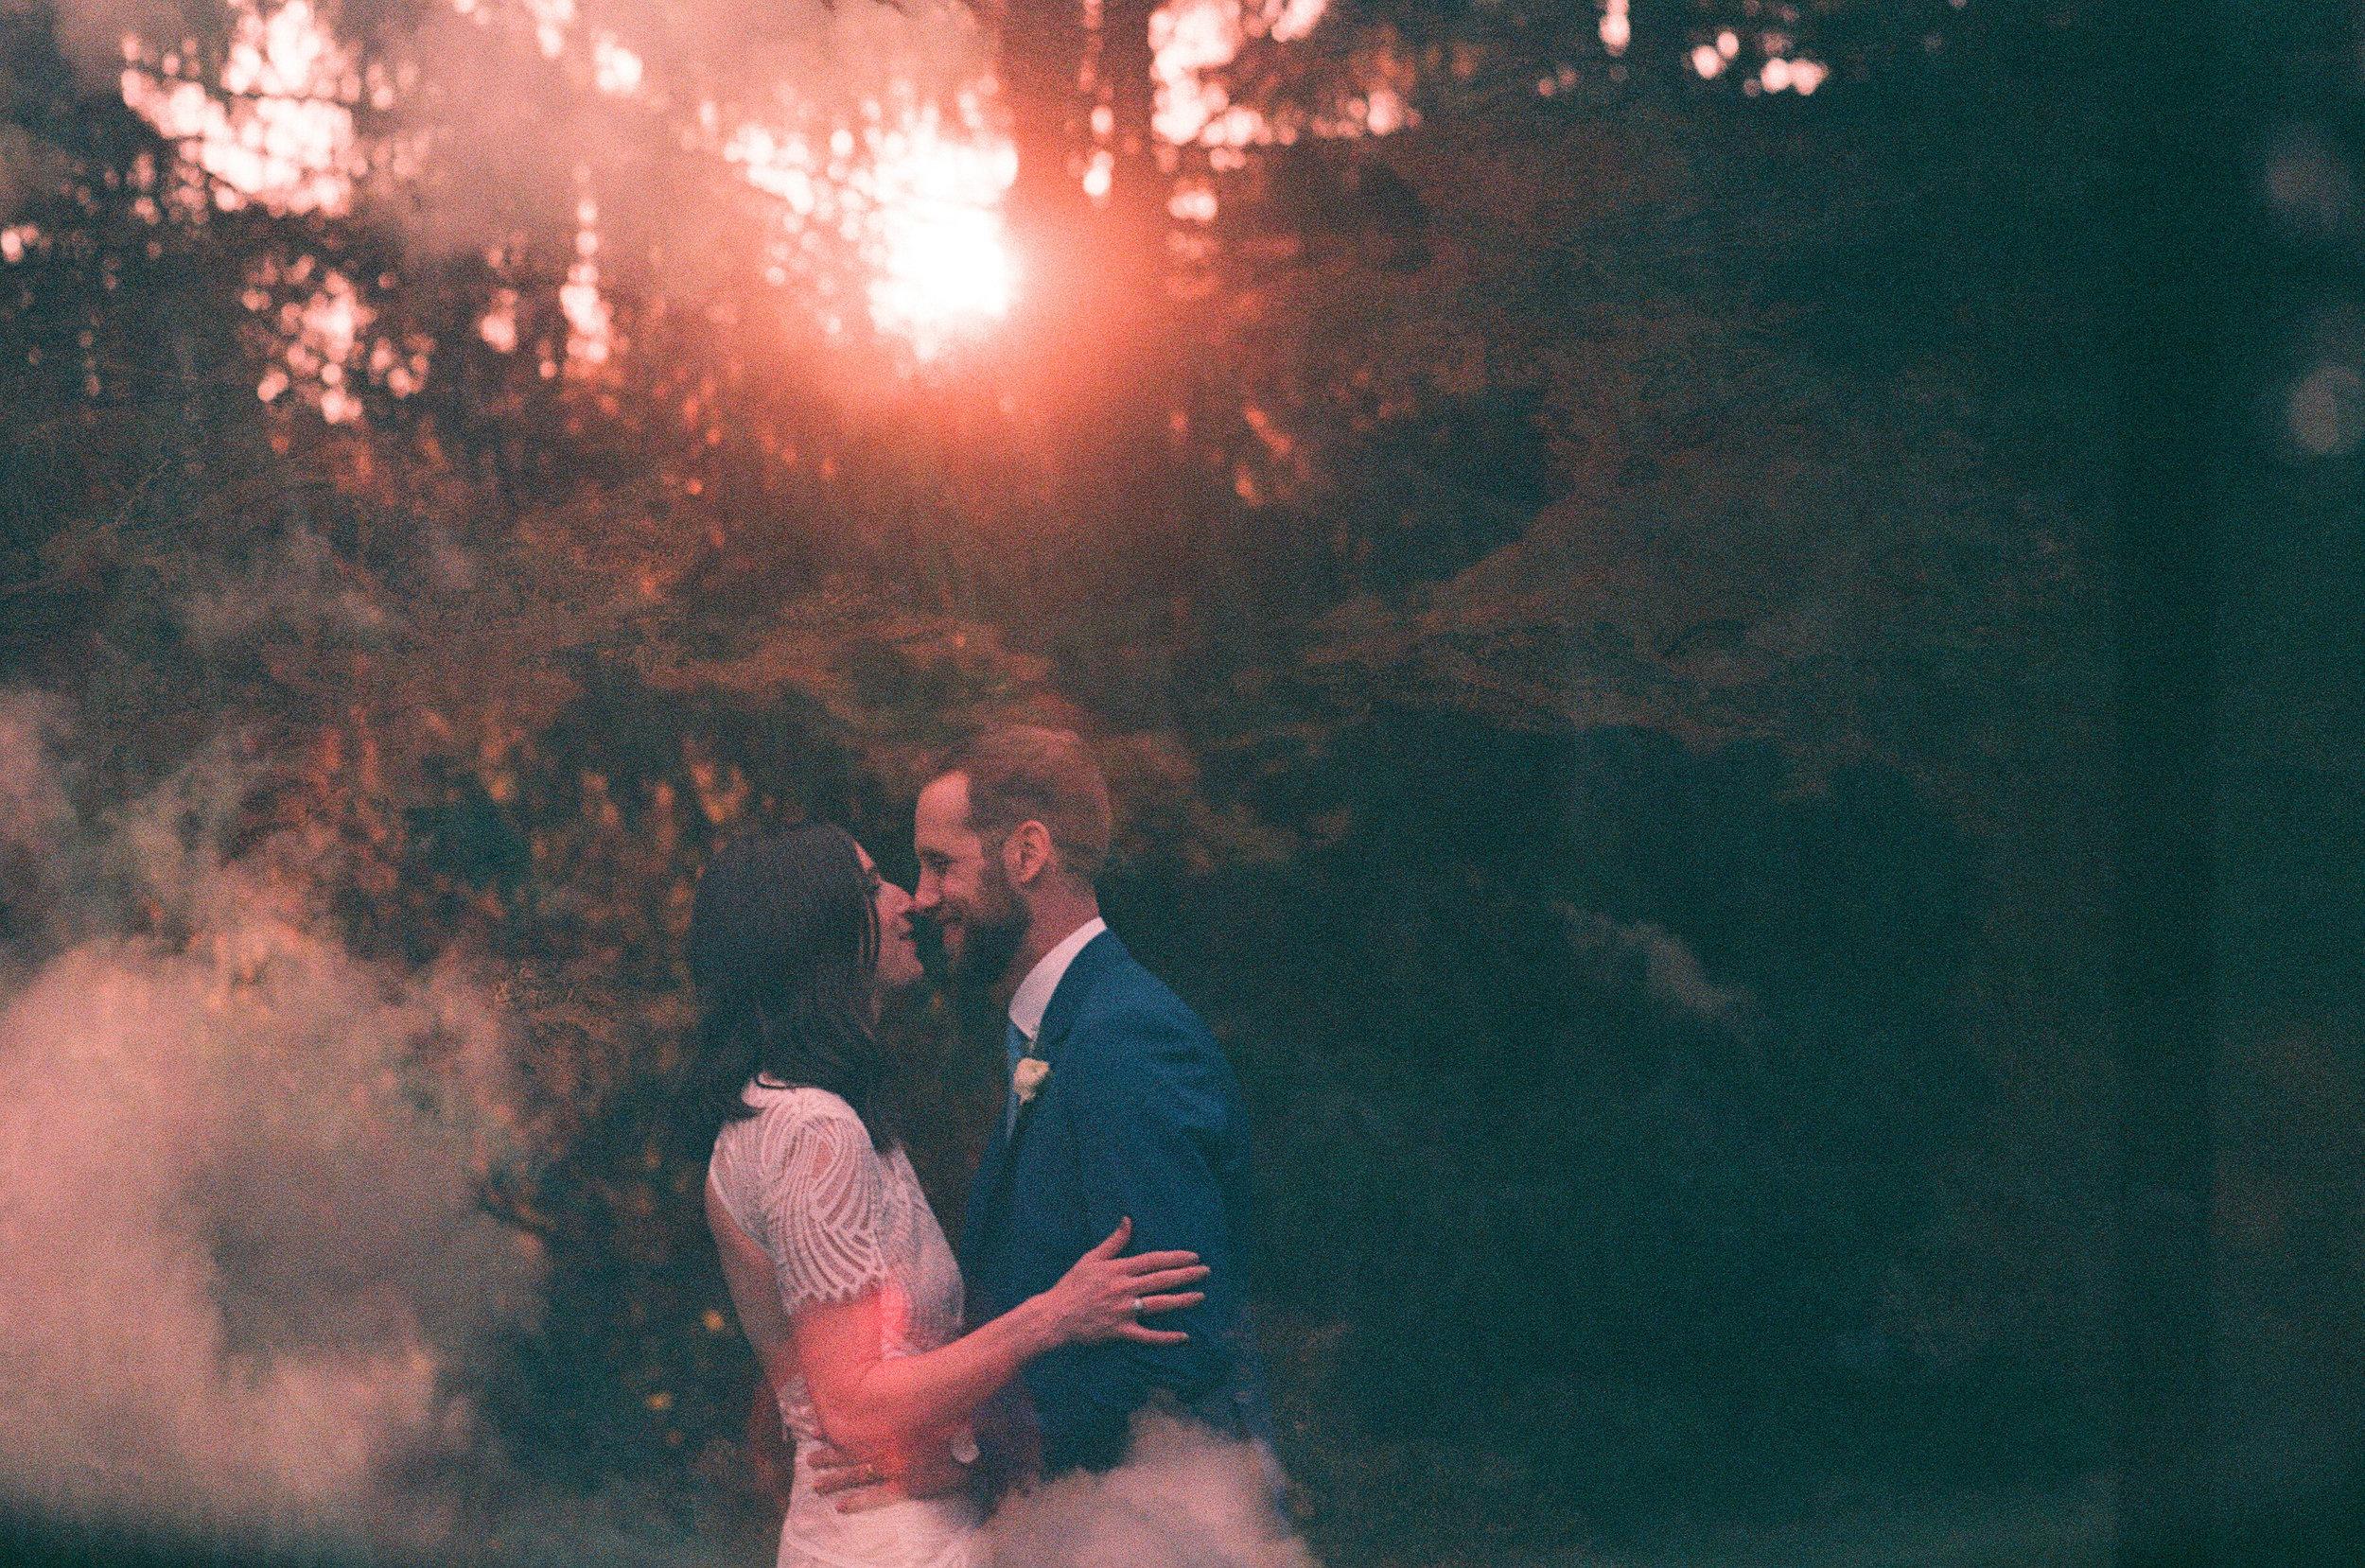 mapleshade_farm_wedding_35mm-4031.jpg